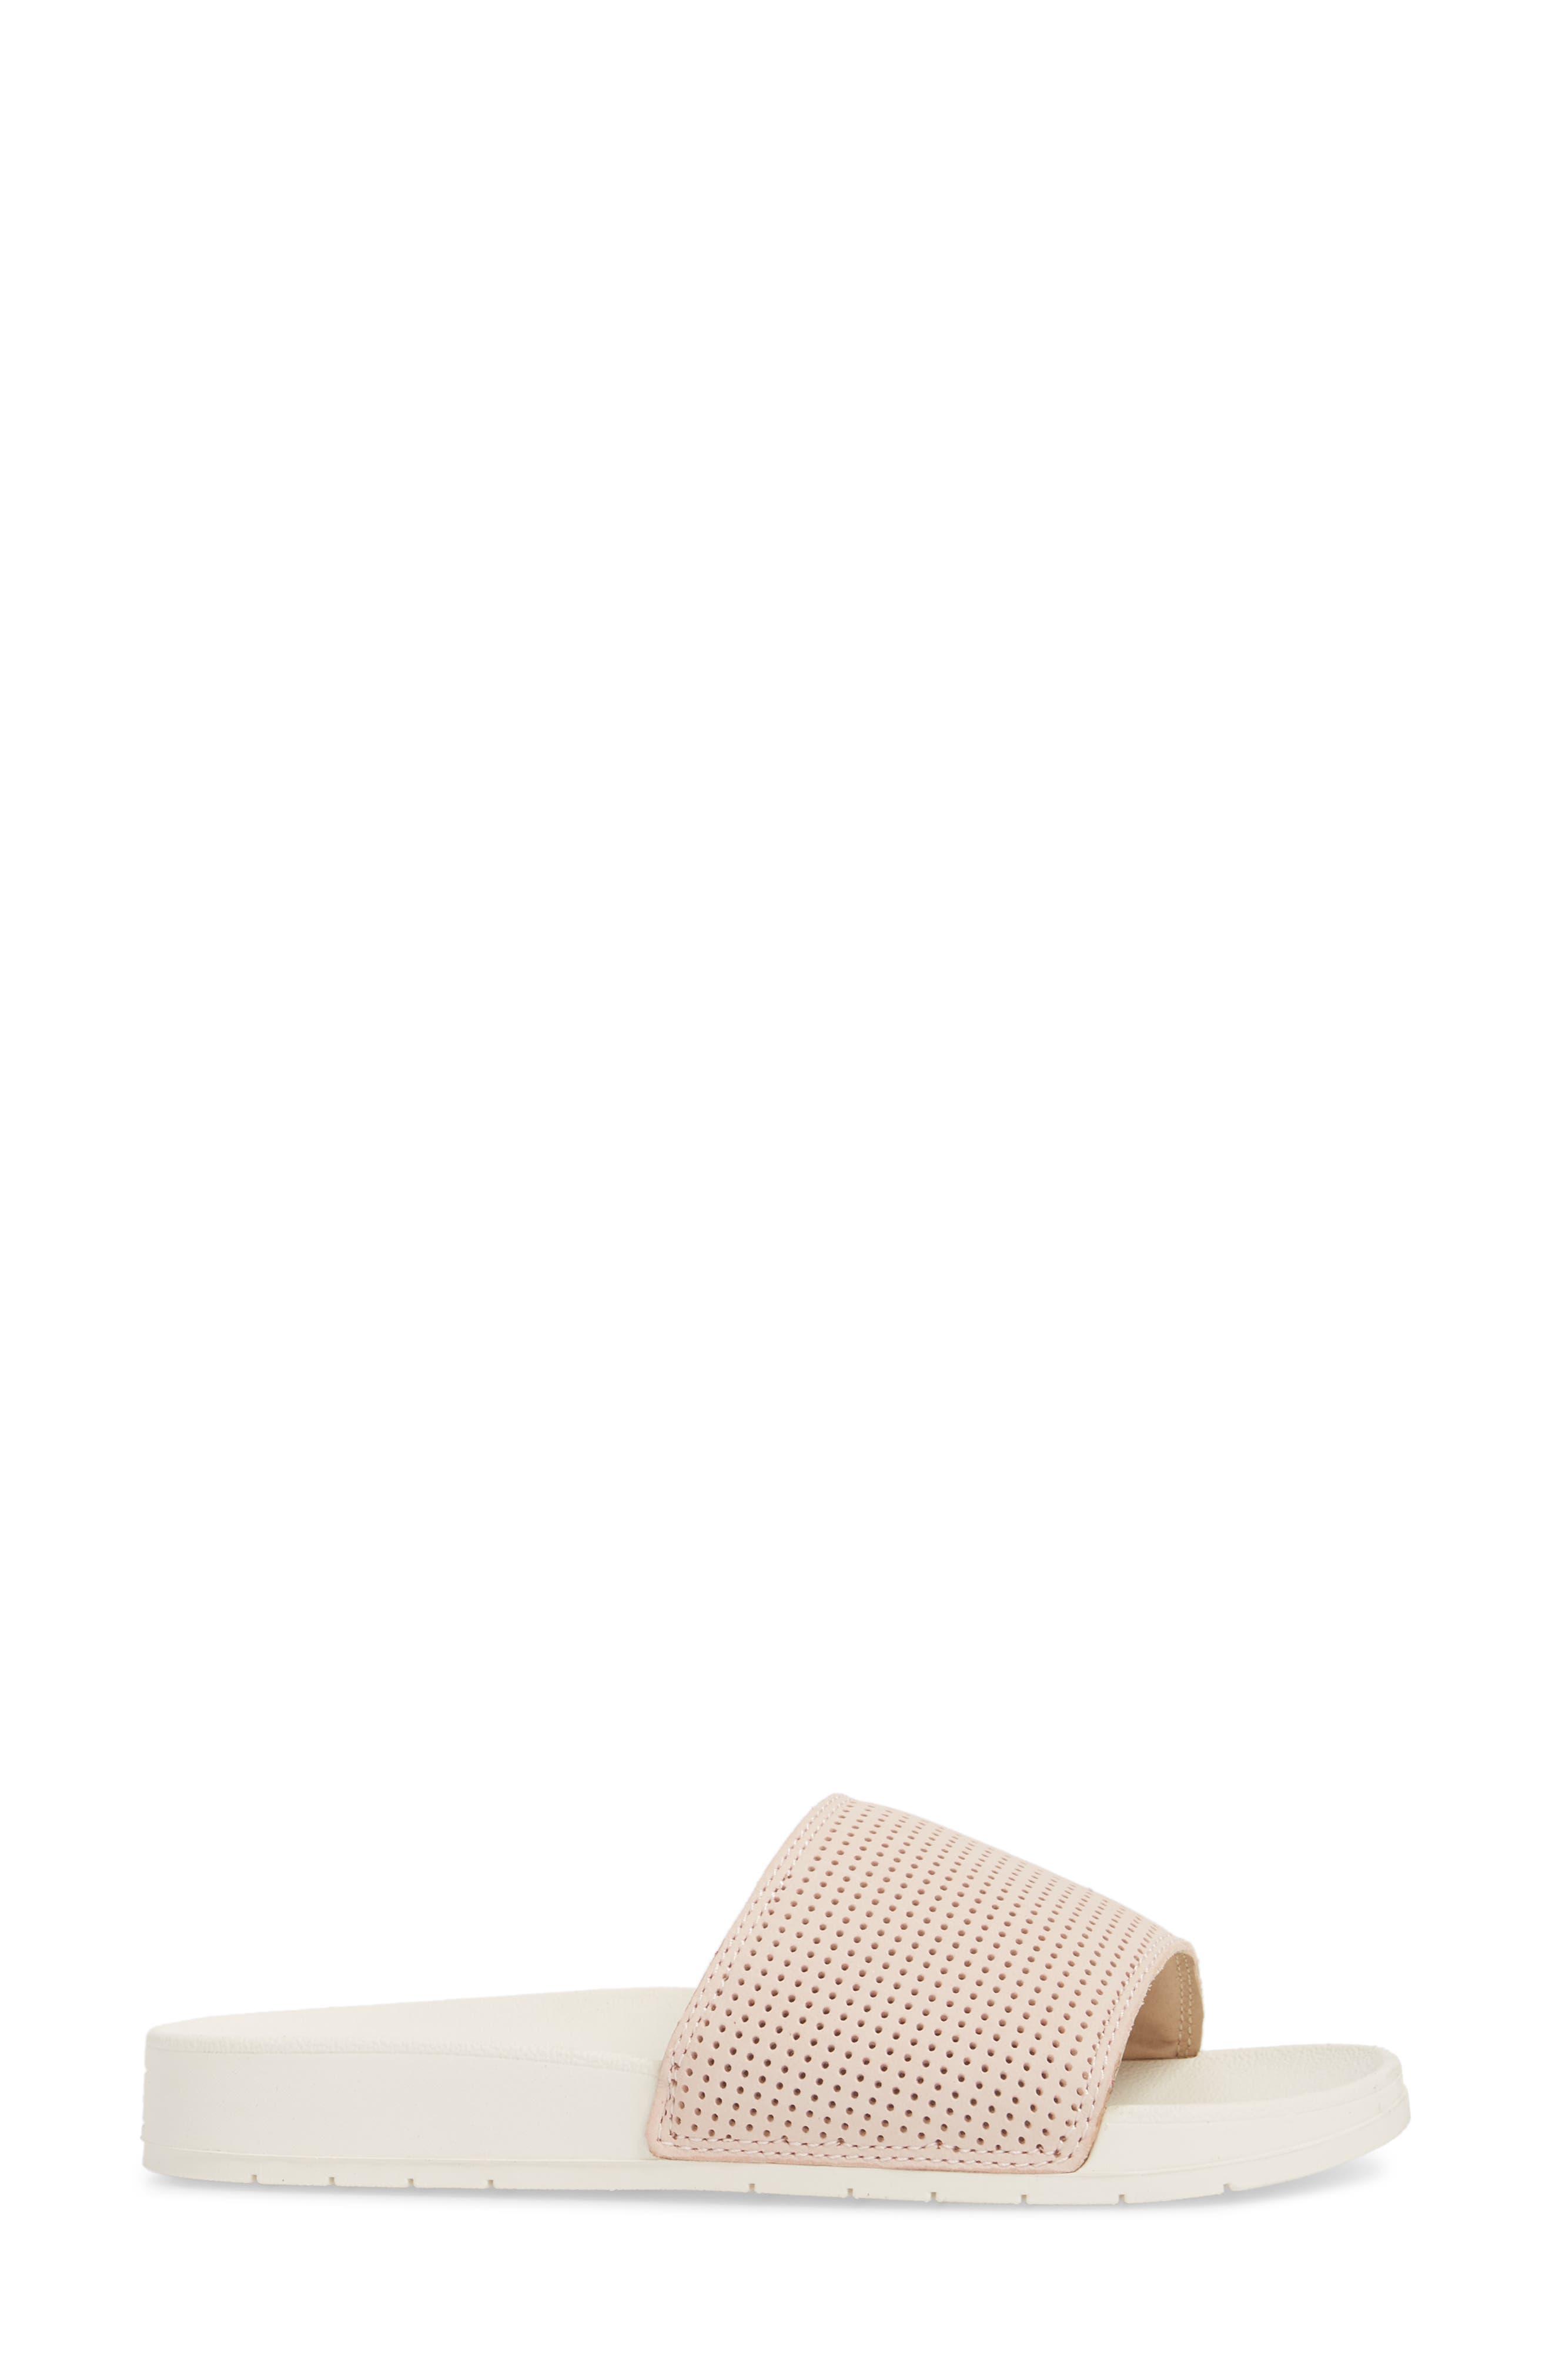 x Designlovefest Bliss Slide Sandal,                             Alternate thumbnail 3, color,                             Blush/ Cream